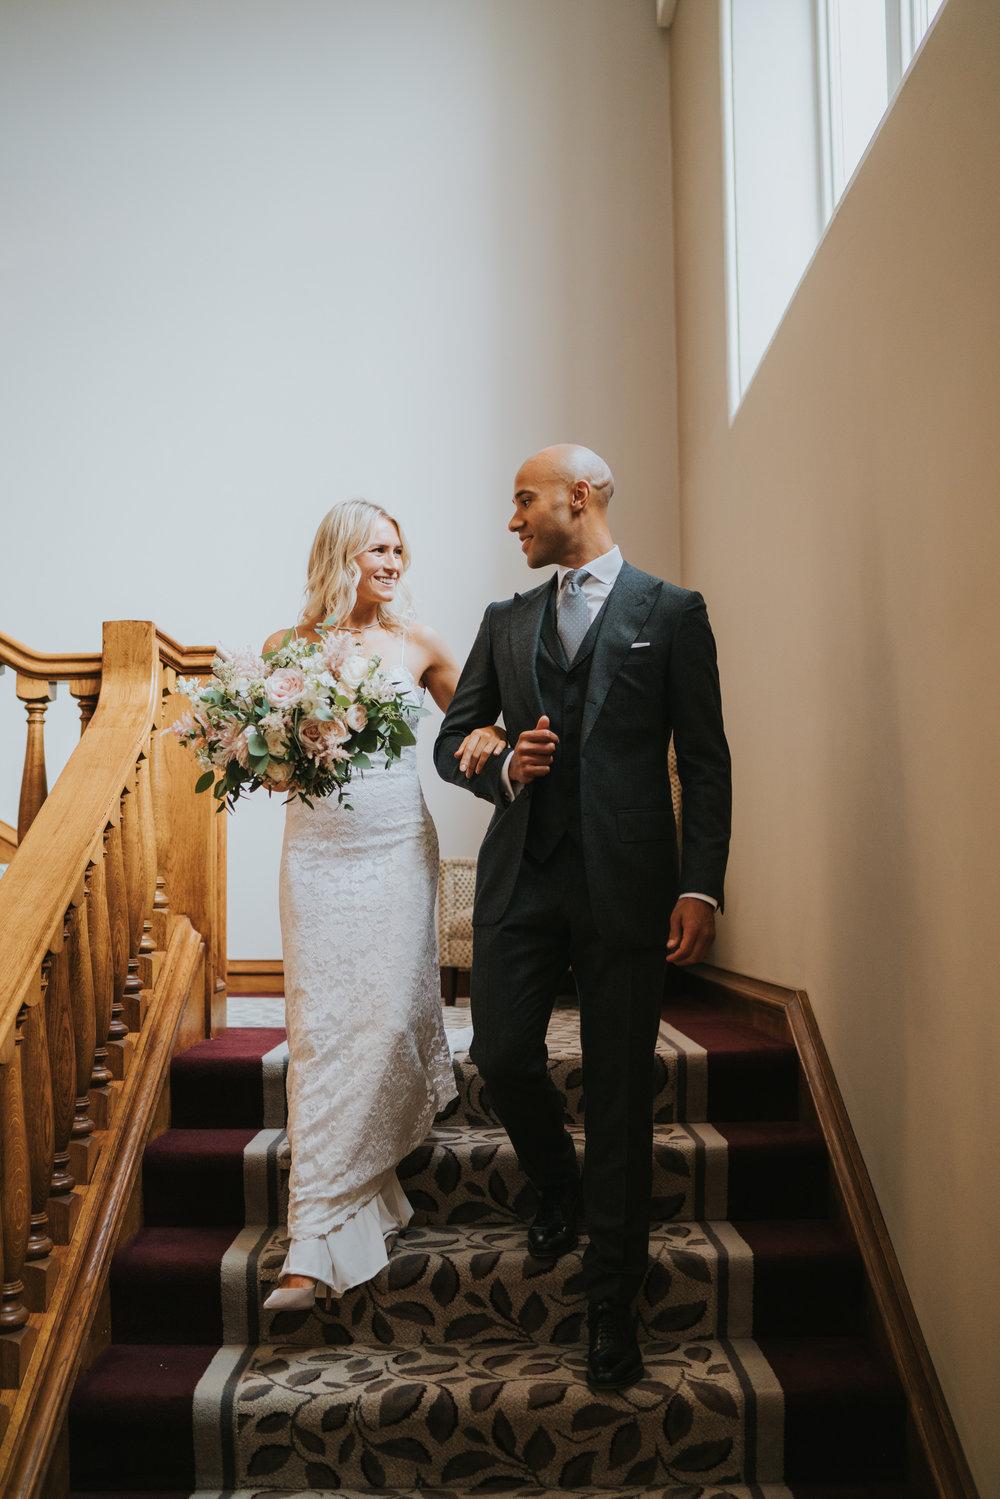 intimate-english-church-wedding-sarah-alex-colchester-essex-grace-elizabeth-colchester-essex-alternative-wedding-lifestyle-photographer-essex-suffolk-norfolk-devon (10 of 92).jpg